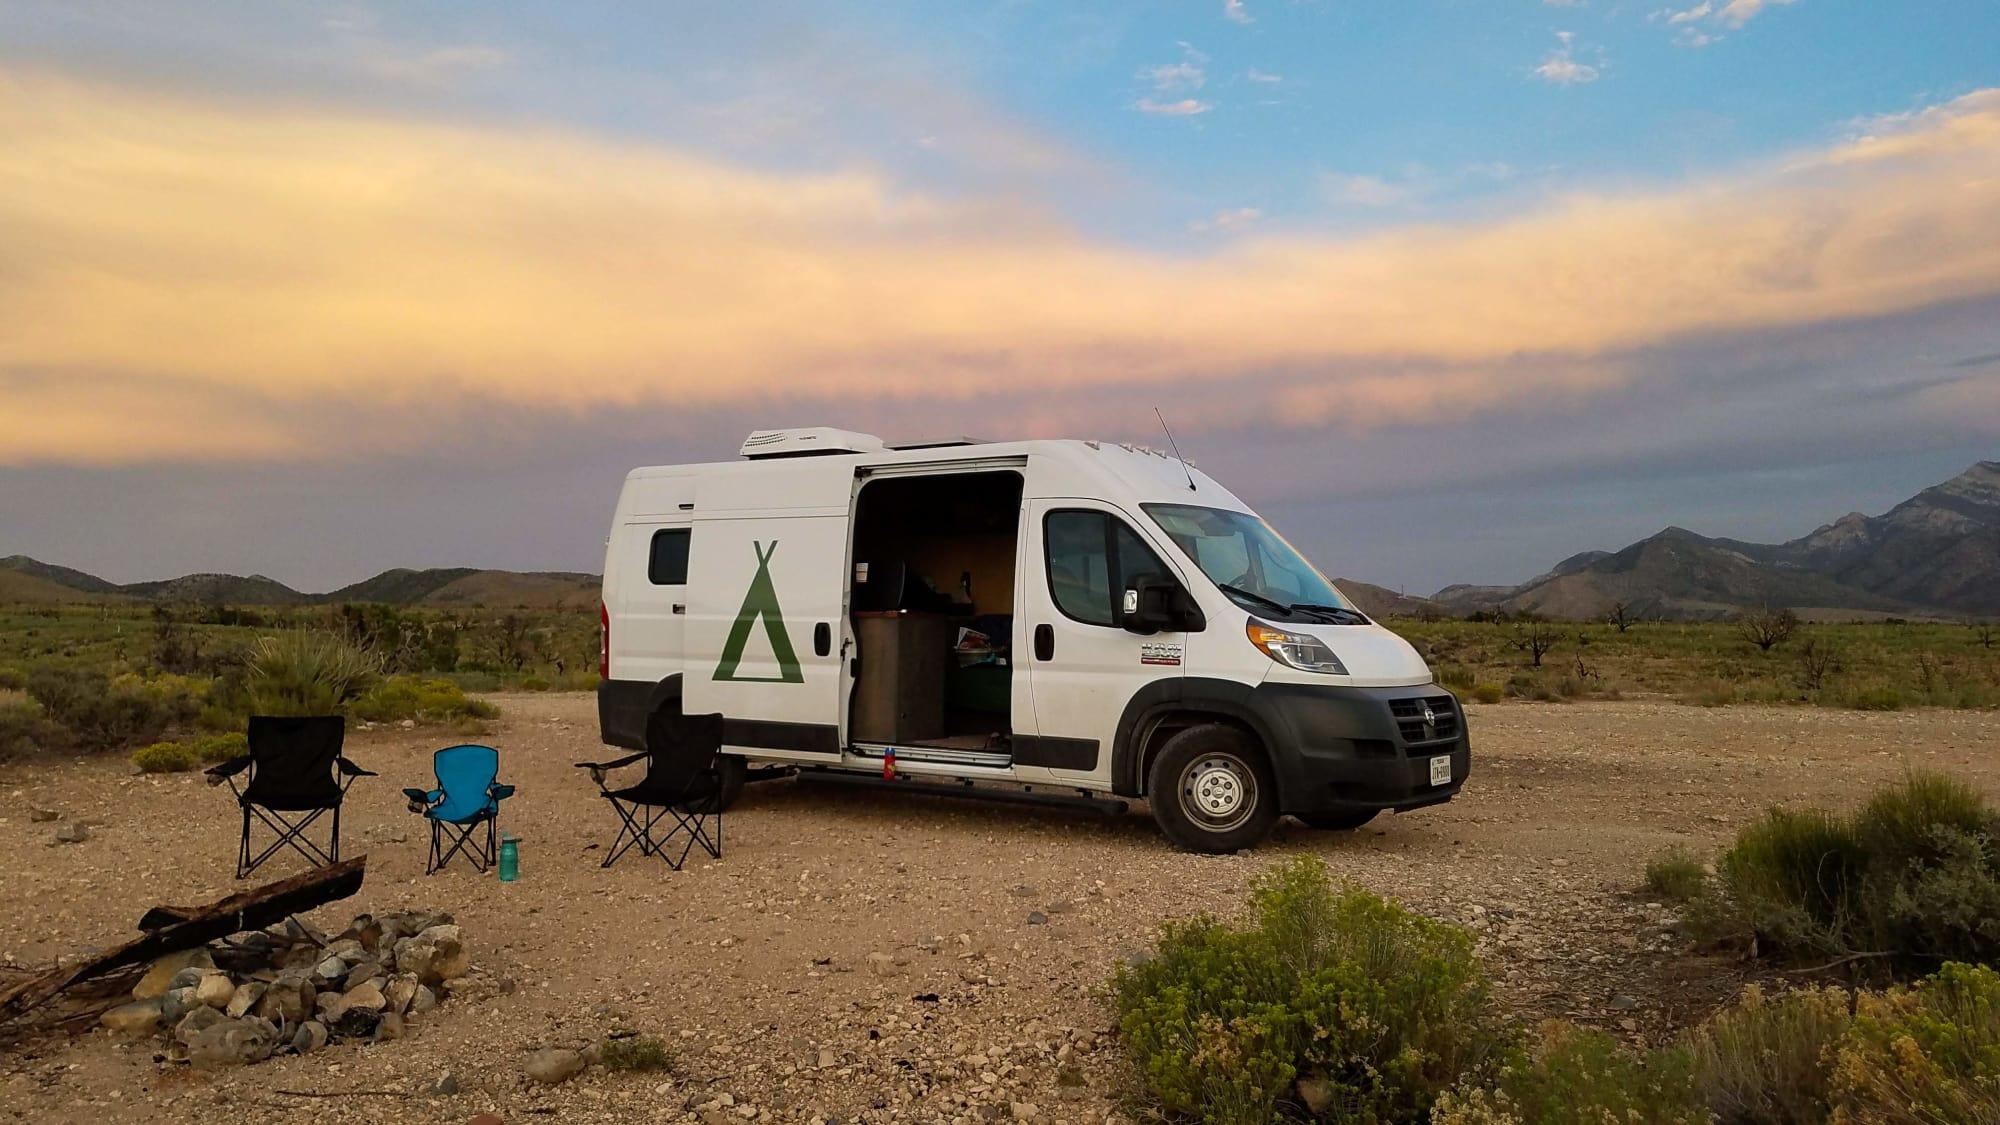 Road Trip Campervans Llc Reviews Amp Rv Rentals Outdoorsy